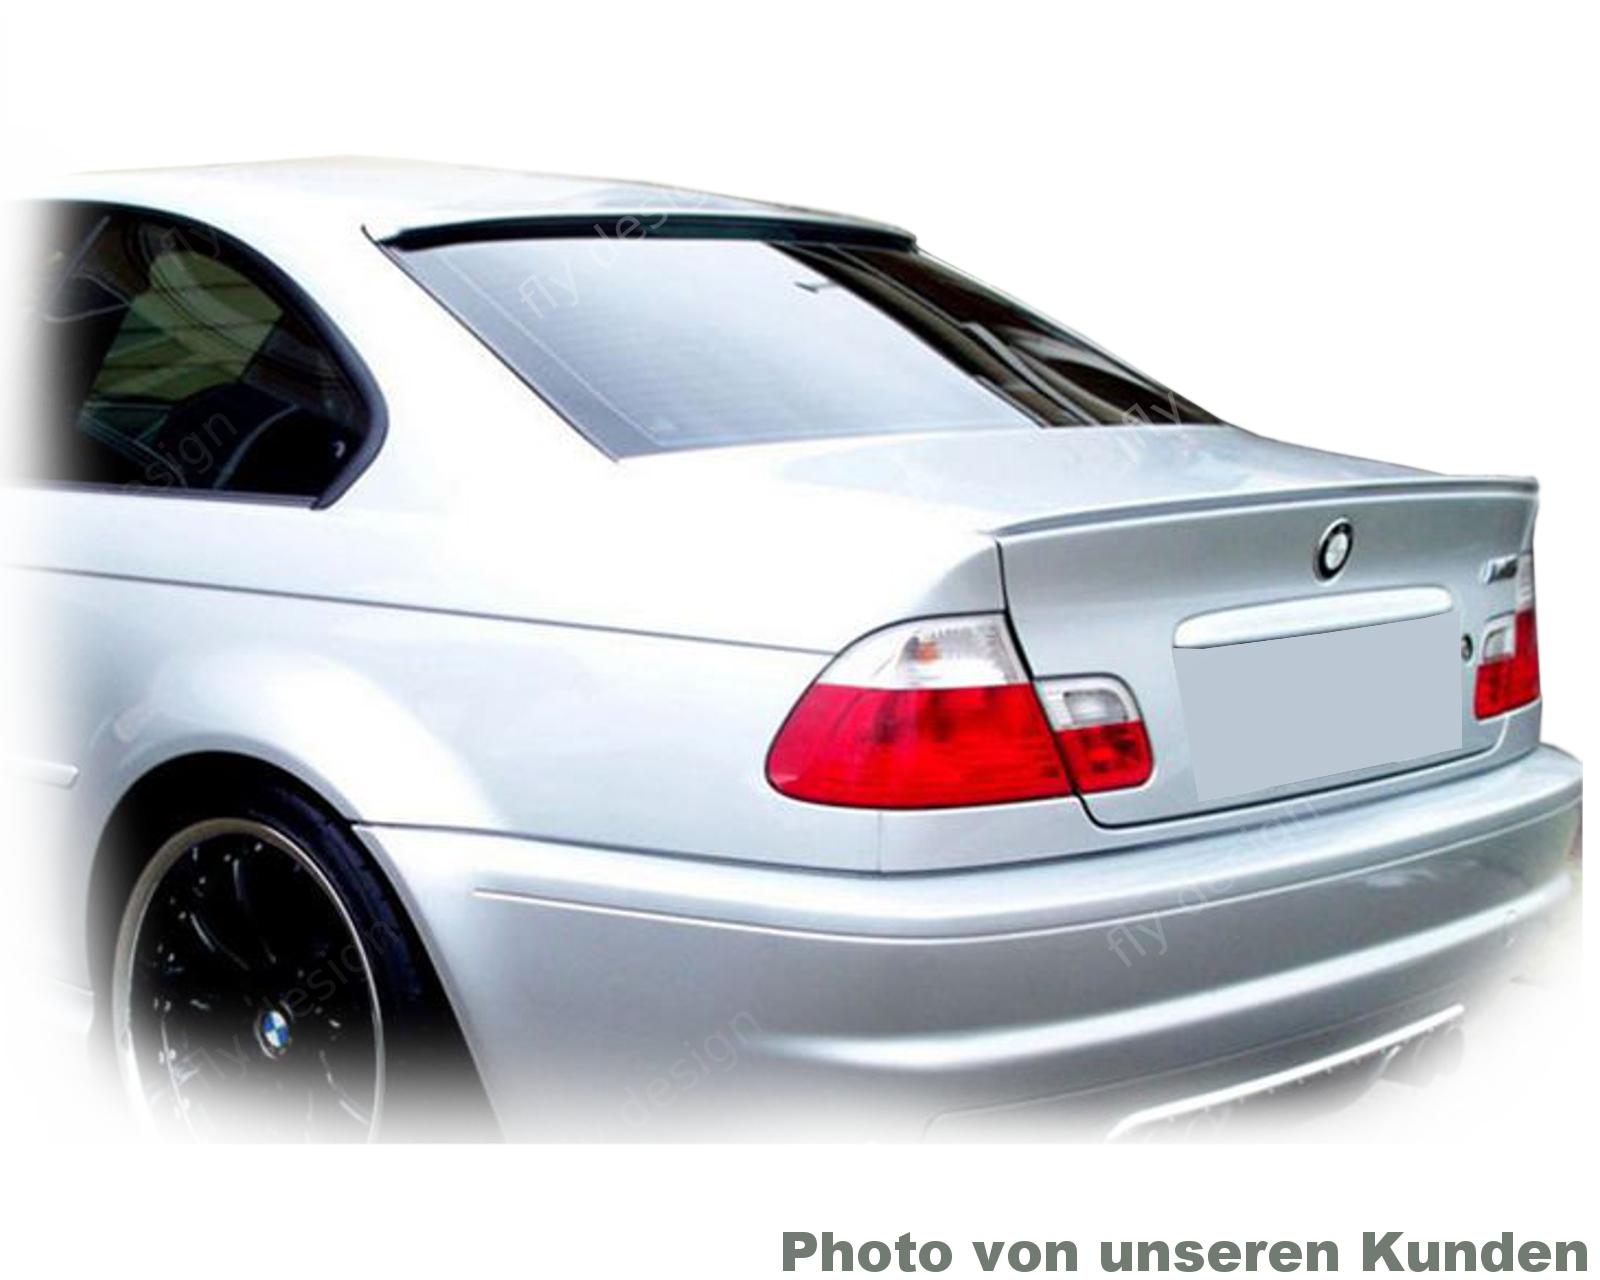 BMW E46 COUPE Tuning Dachspoiler neu Dachkantenspoiler Dach Spoiler ...